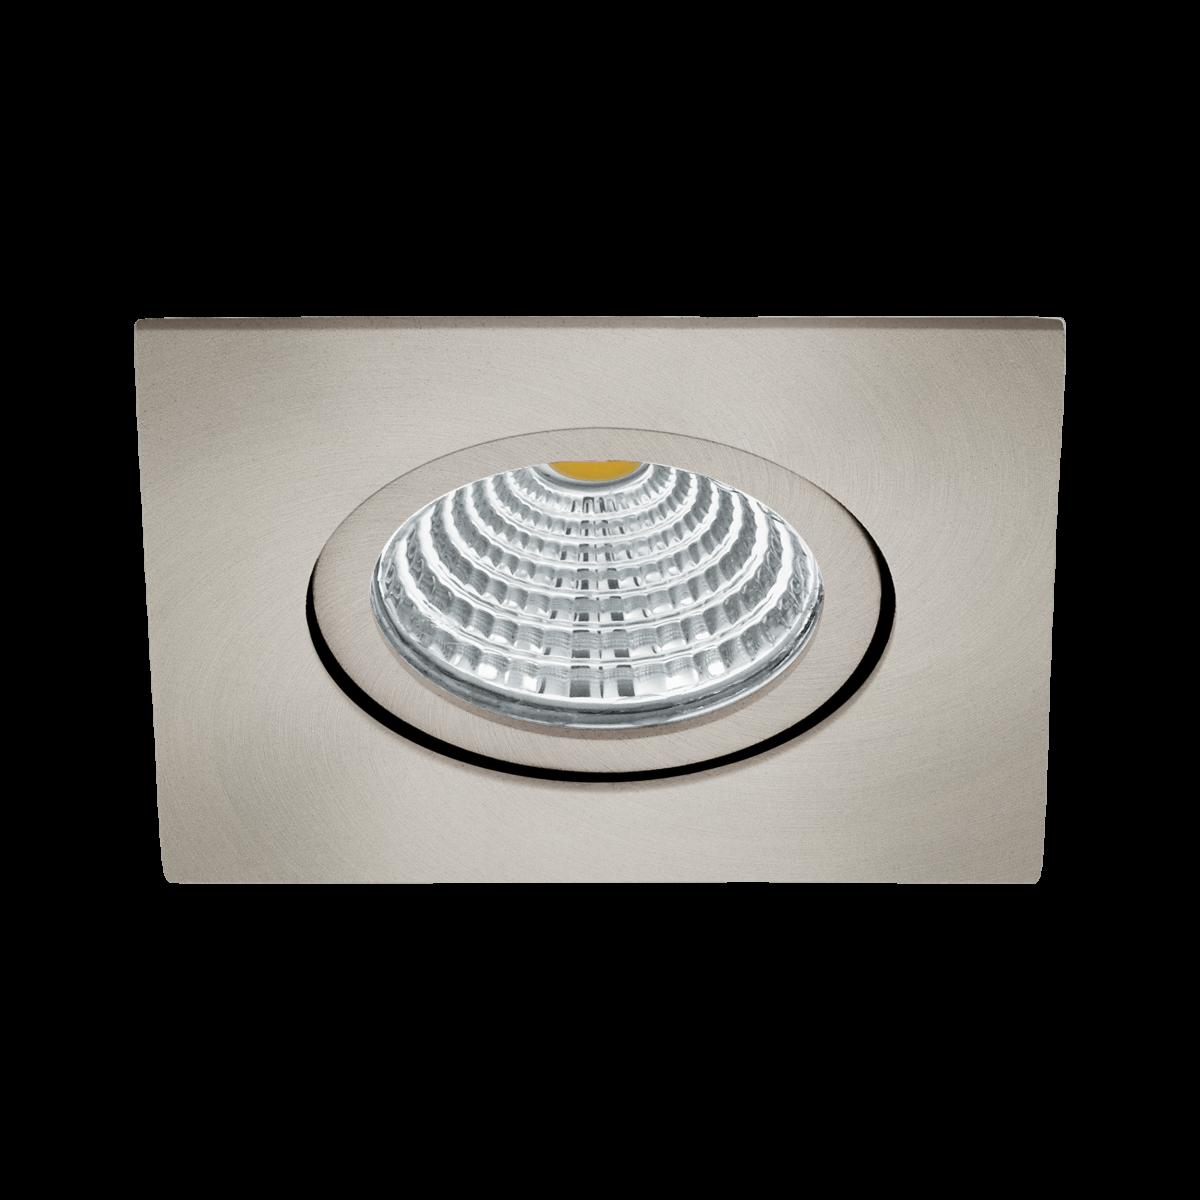 Светильник настенно-потолочный SALICETO EGLO 98308